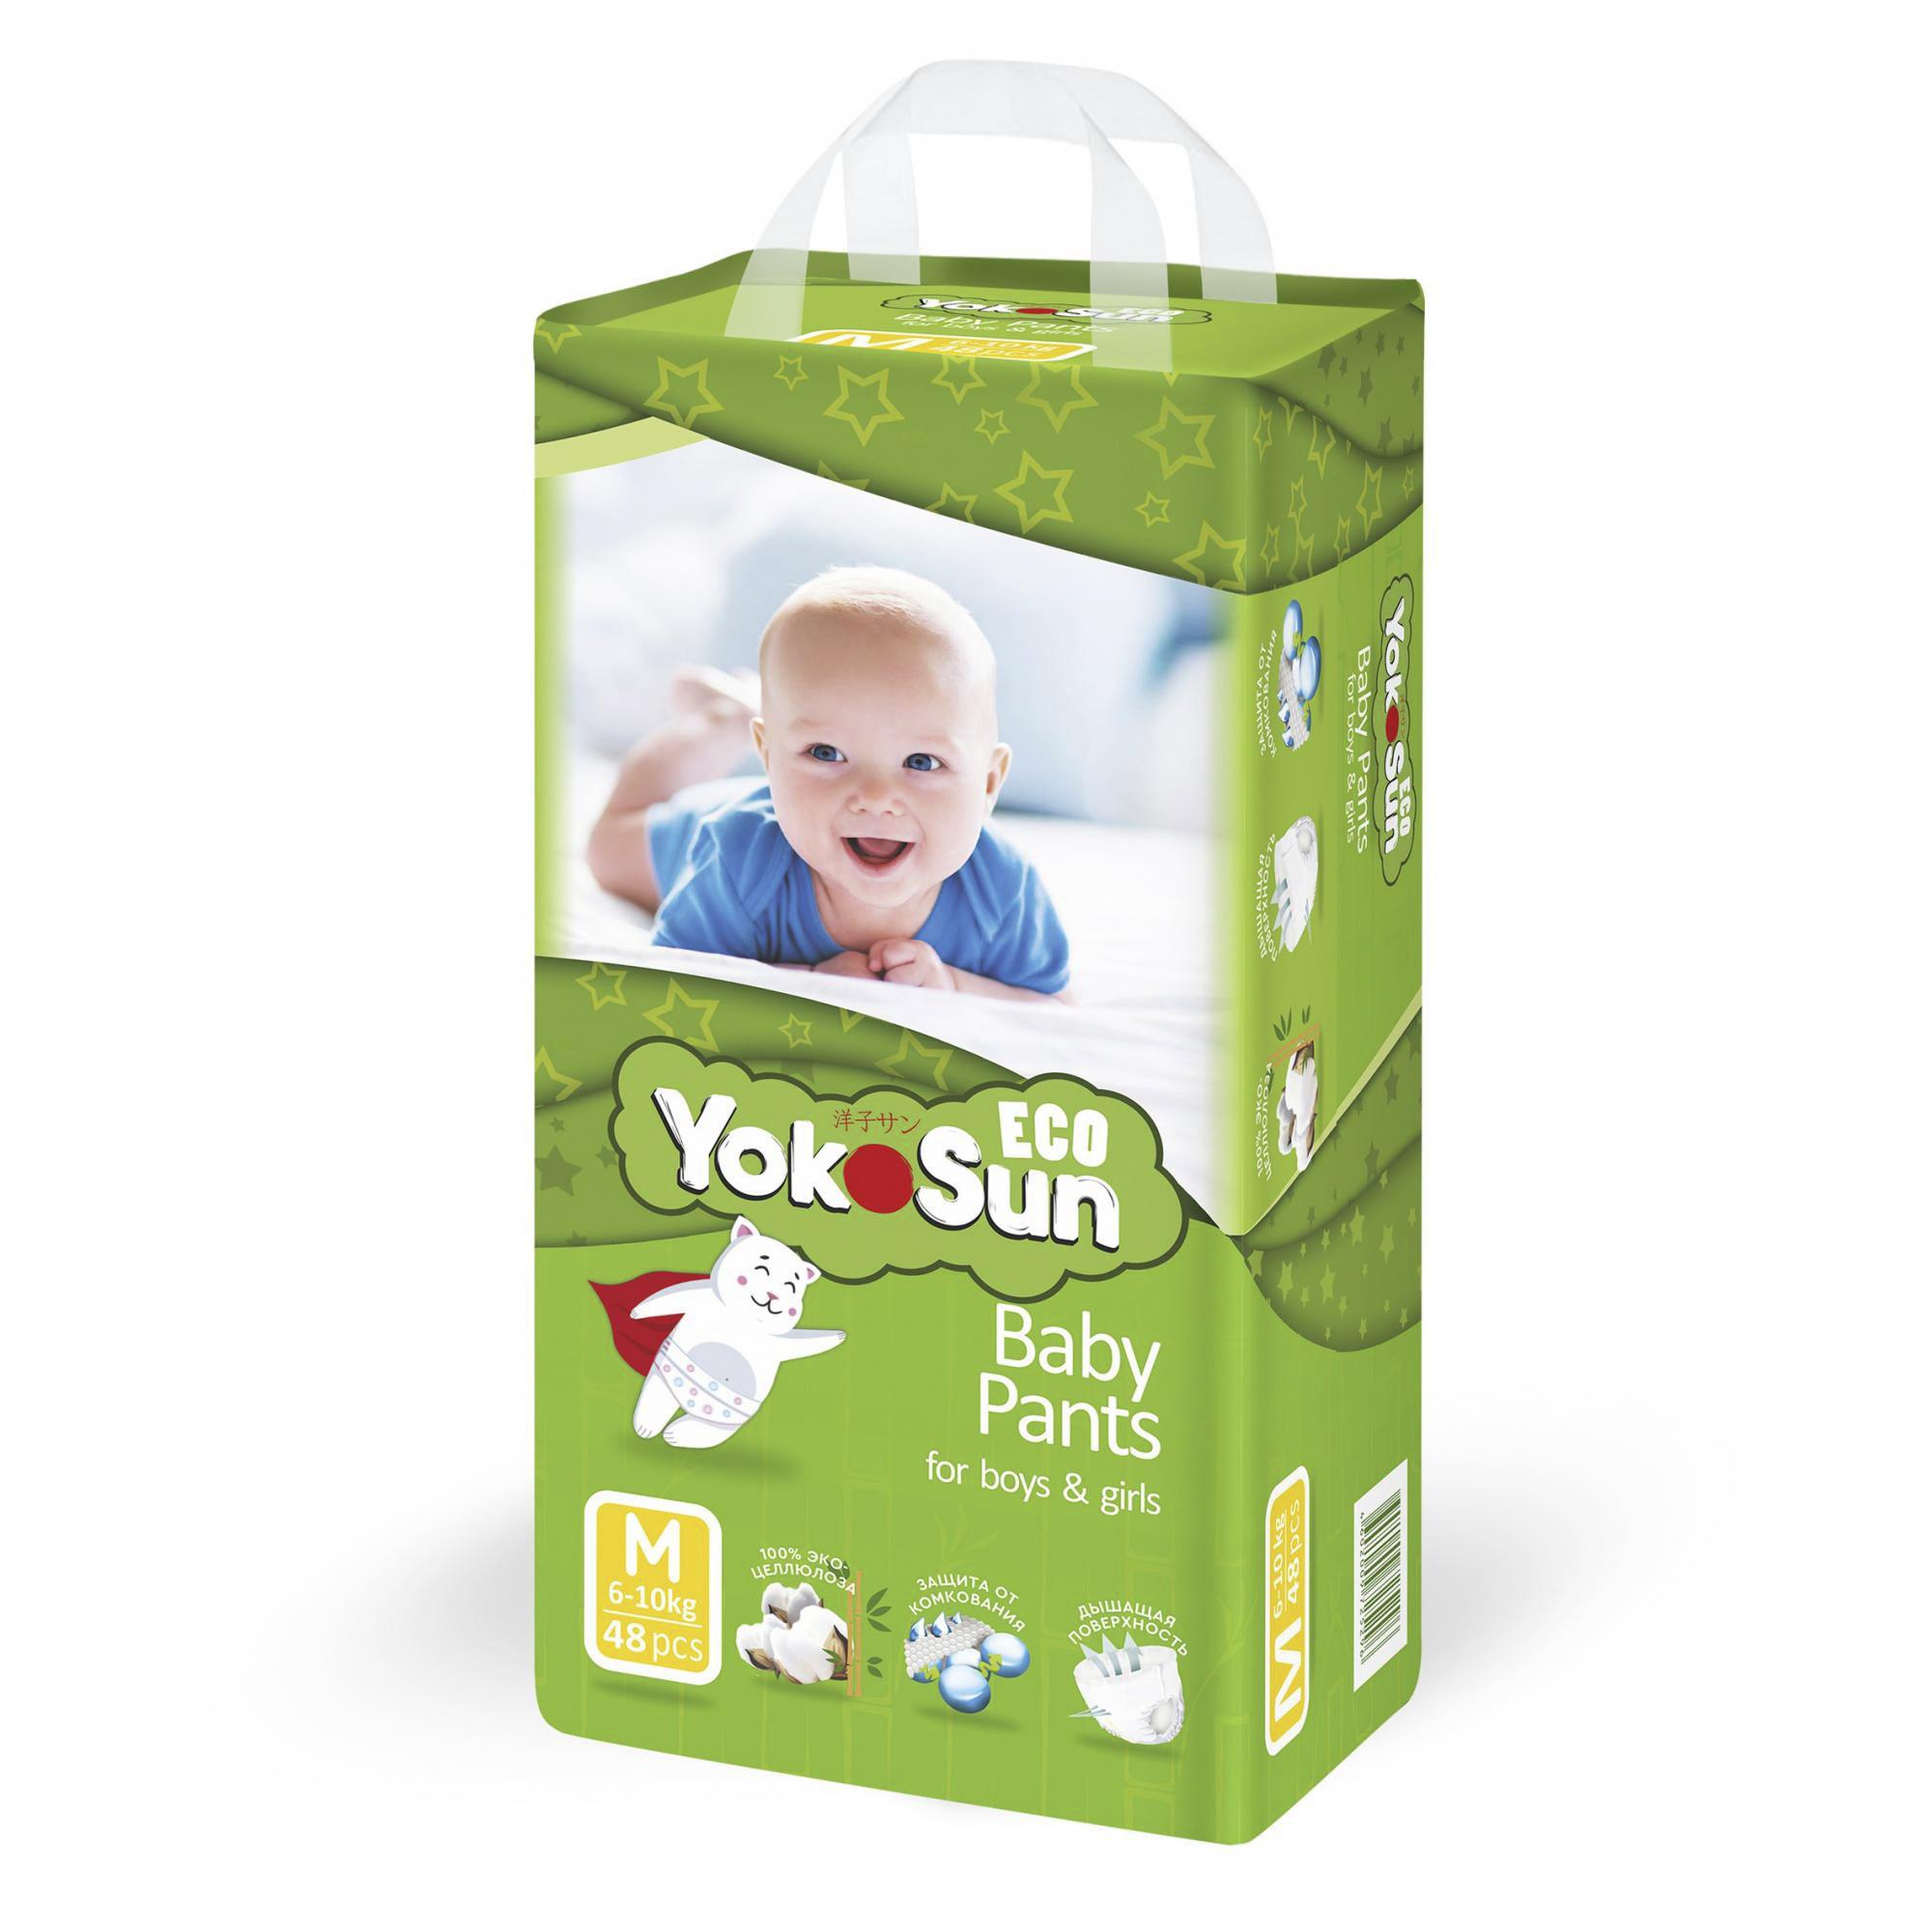 Купить Подгузники-трусики YokoSun Eco М (6-10 кг) 48 шт, белый, M, абсорбирующие полимеры, нетканый материал, полиэстер, целлюлоза, Для детей,